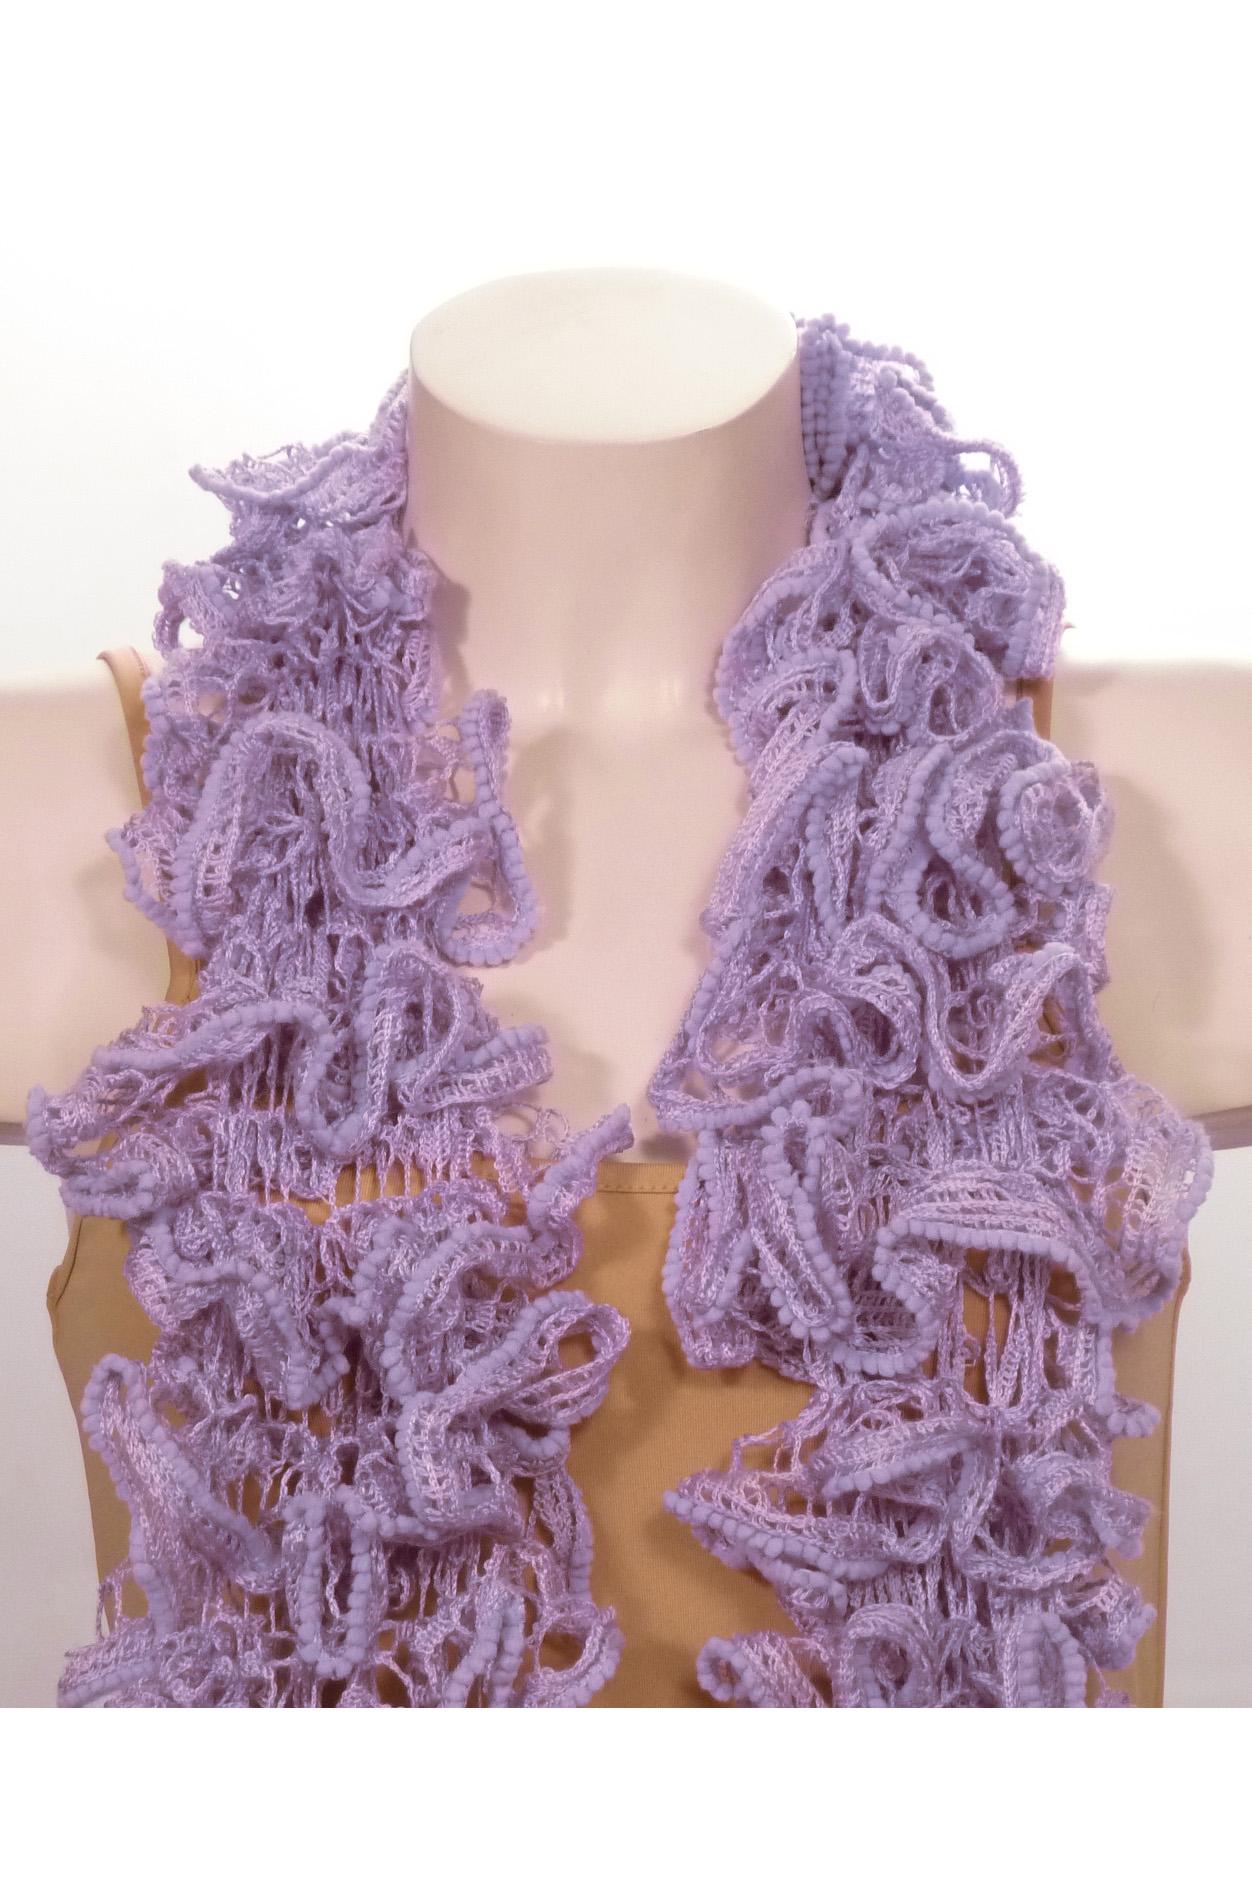 ШарфШарфы<br>Вязанный шарф придаст вашему образу романтичности. Этот удобный длинный кружевной шарф вяжут оригинальным узором,  который позволяет создать эффектные воланы.  Длина шарфа 1,5 метра.  В изделии использованы цвета: сиреневый<br><br>По сезону: Зима<br>Размер : UNI<br>Материал: Вязаное полотно<br>Количество в наличии: 3